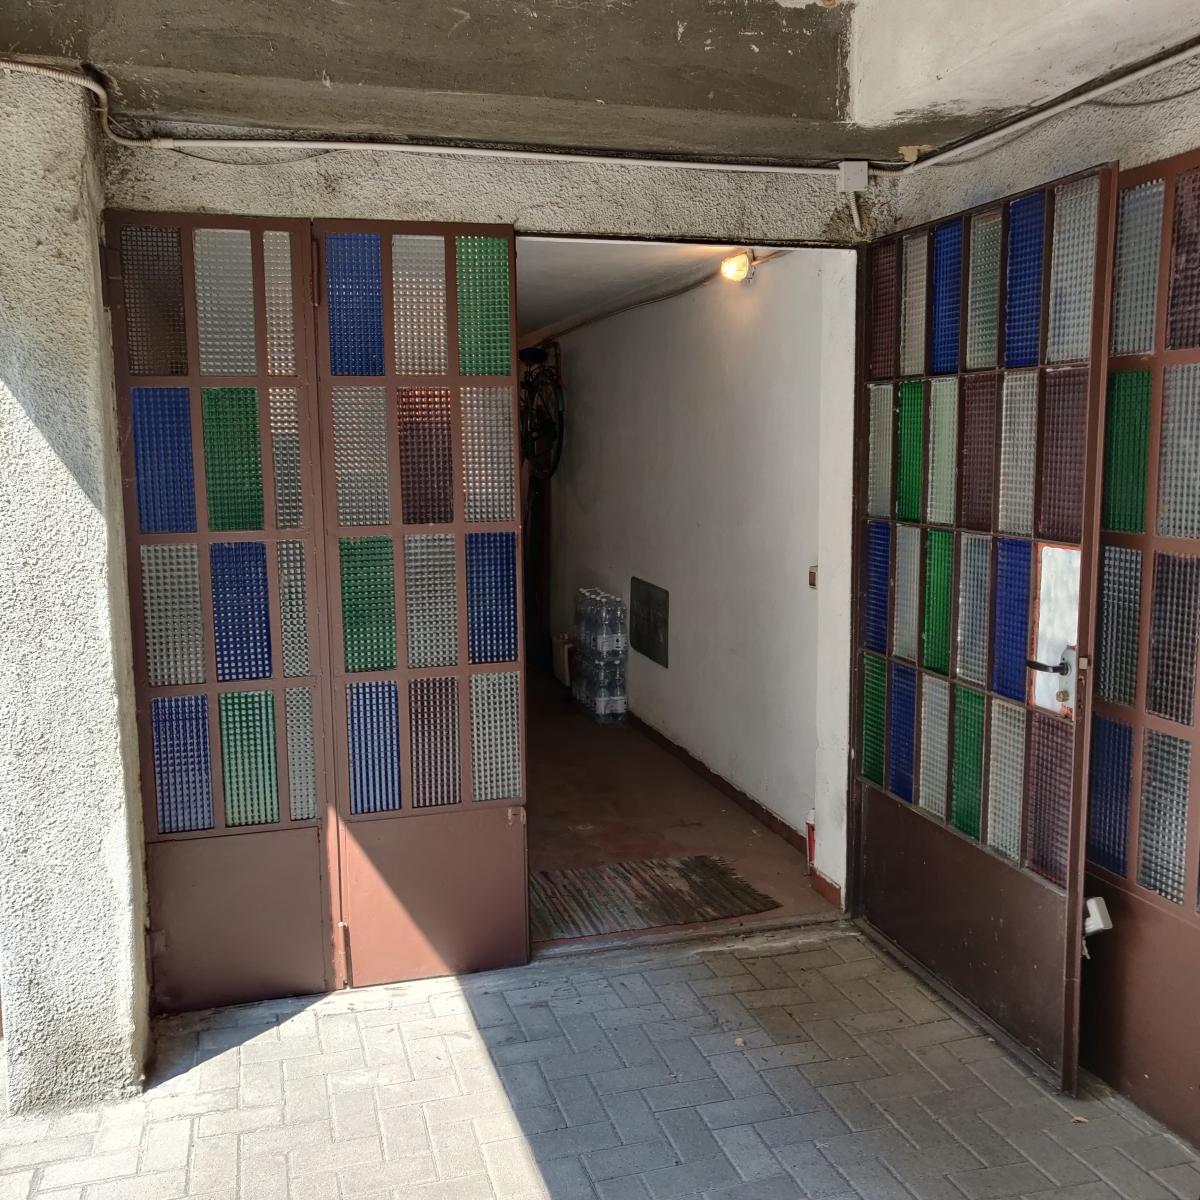 appartamento-in-vendita-a-baggio-via-cassolnovo-bagarotti-3-locali-milano-trilocale-spaziourbano-immobiliare-vende-20